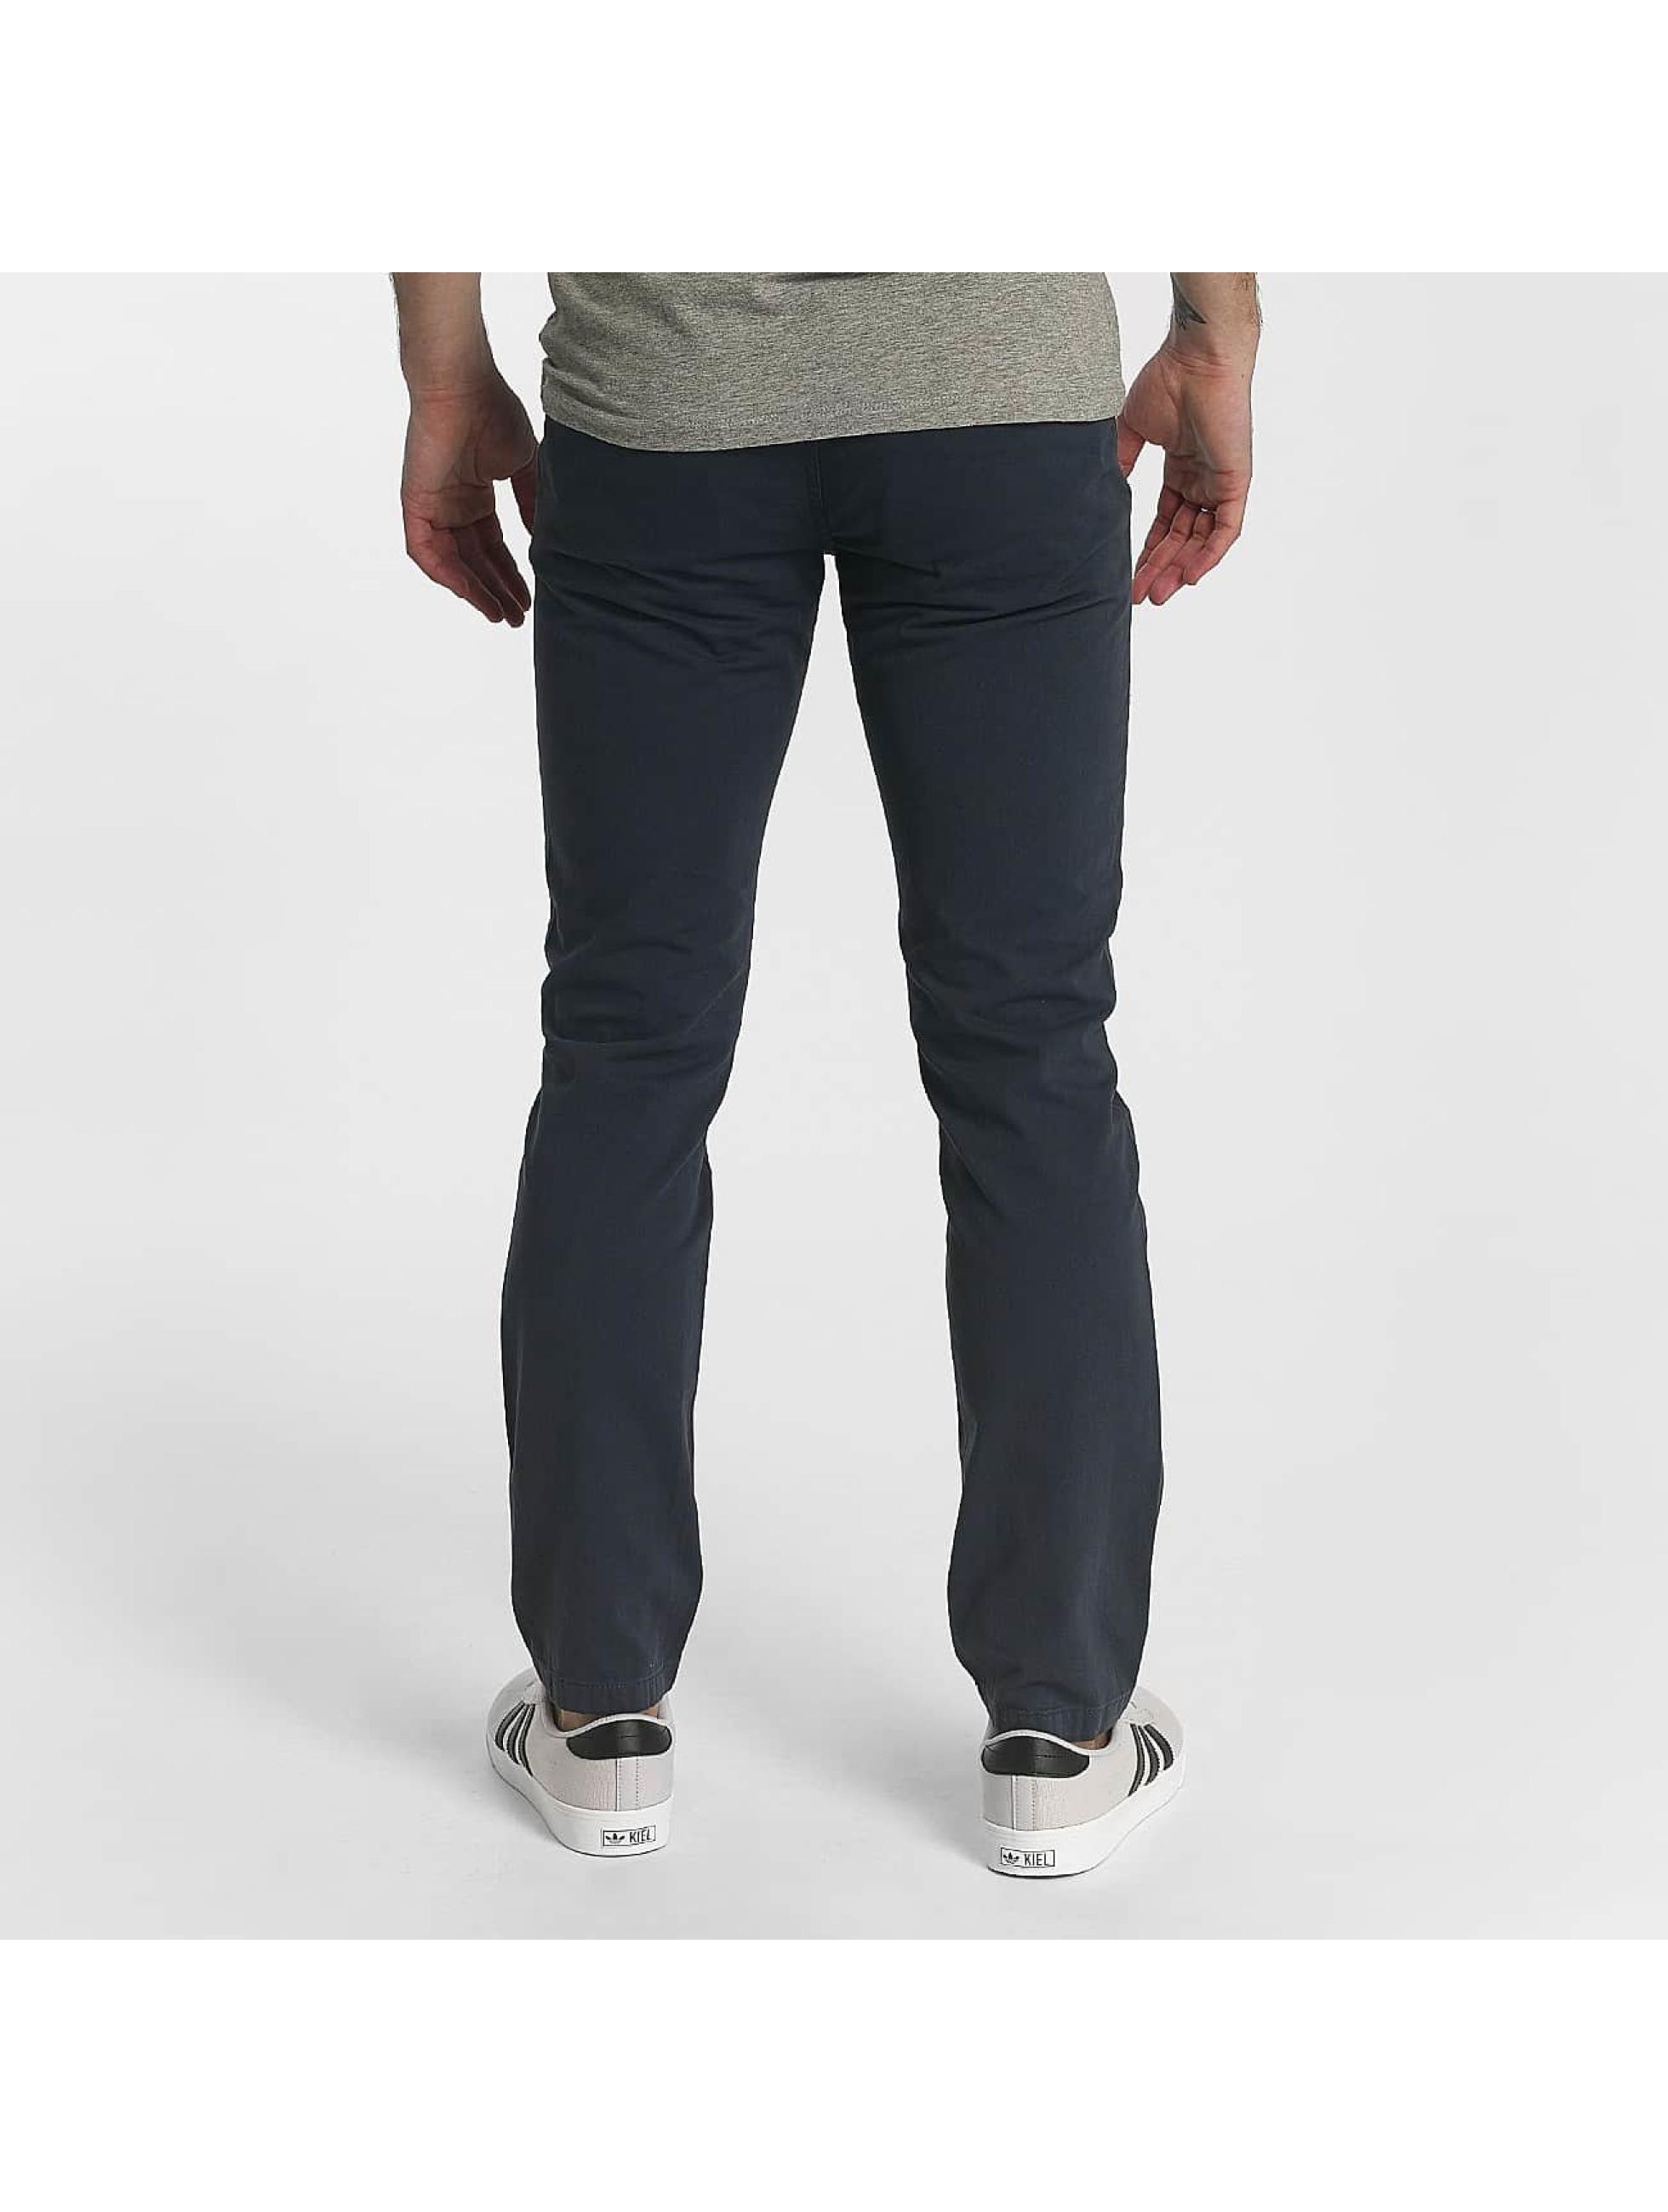 SHINE Original Spodnie wizytowe Abdul niebieski